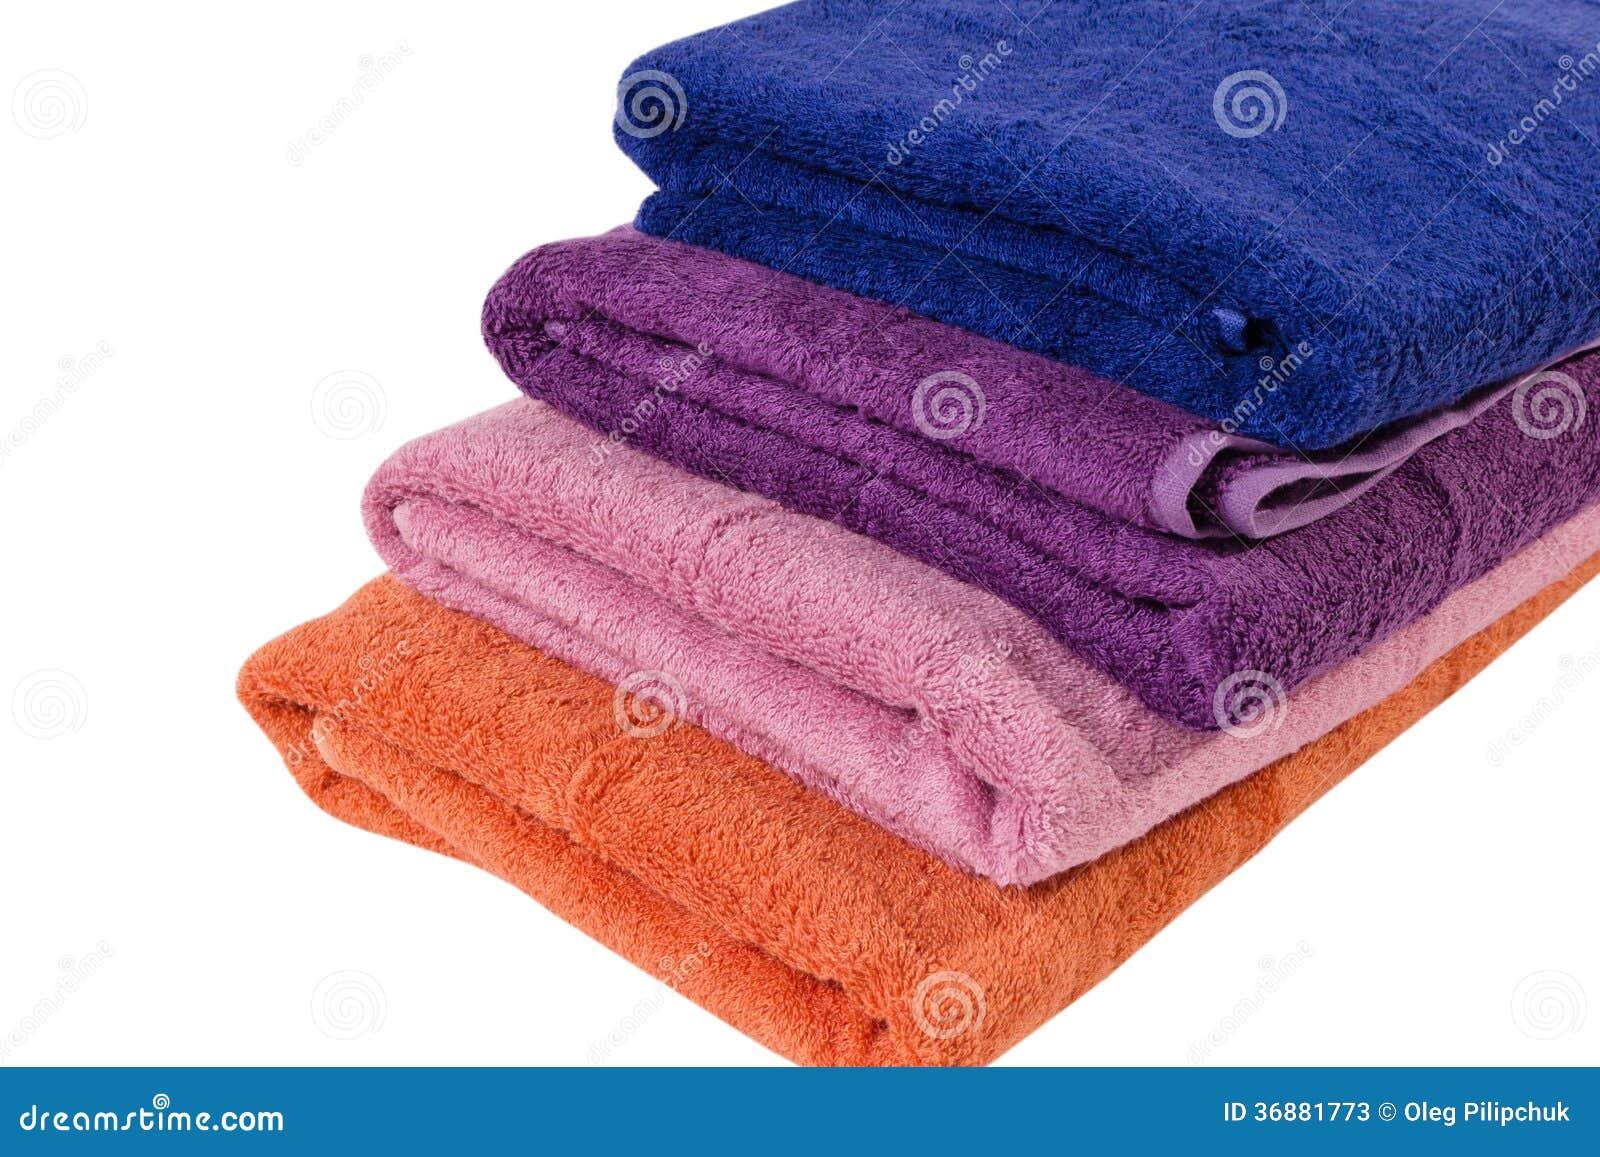 Download Asciugamani su bianco immagine stock. Immagine di cotone - 36881773